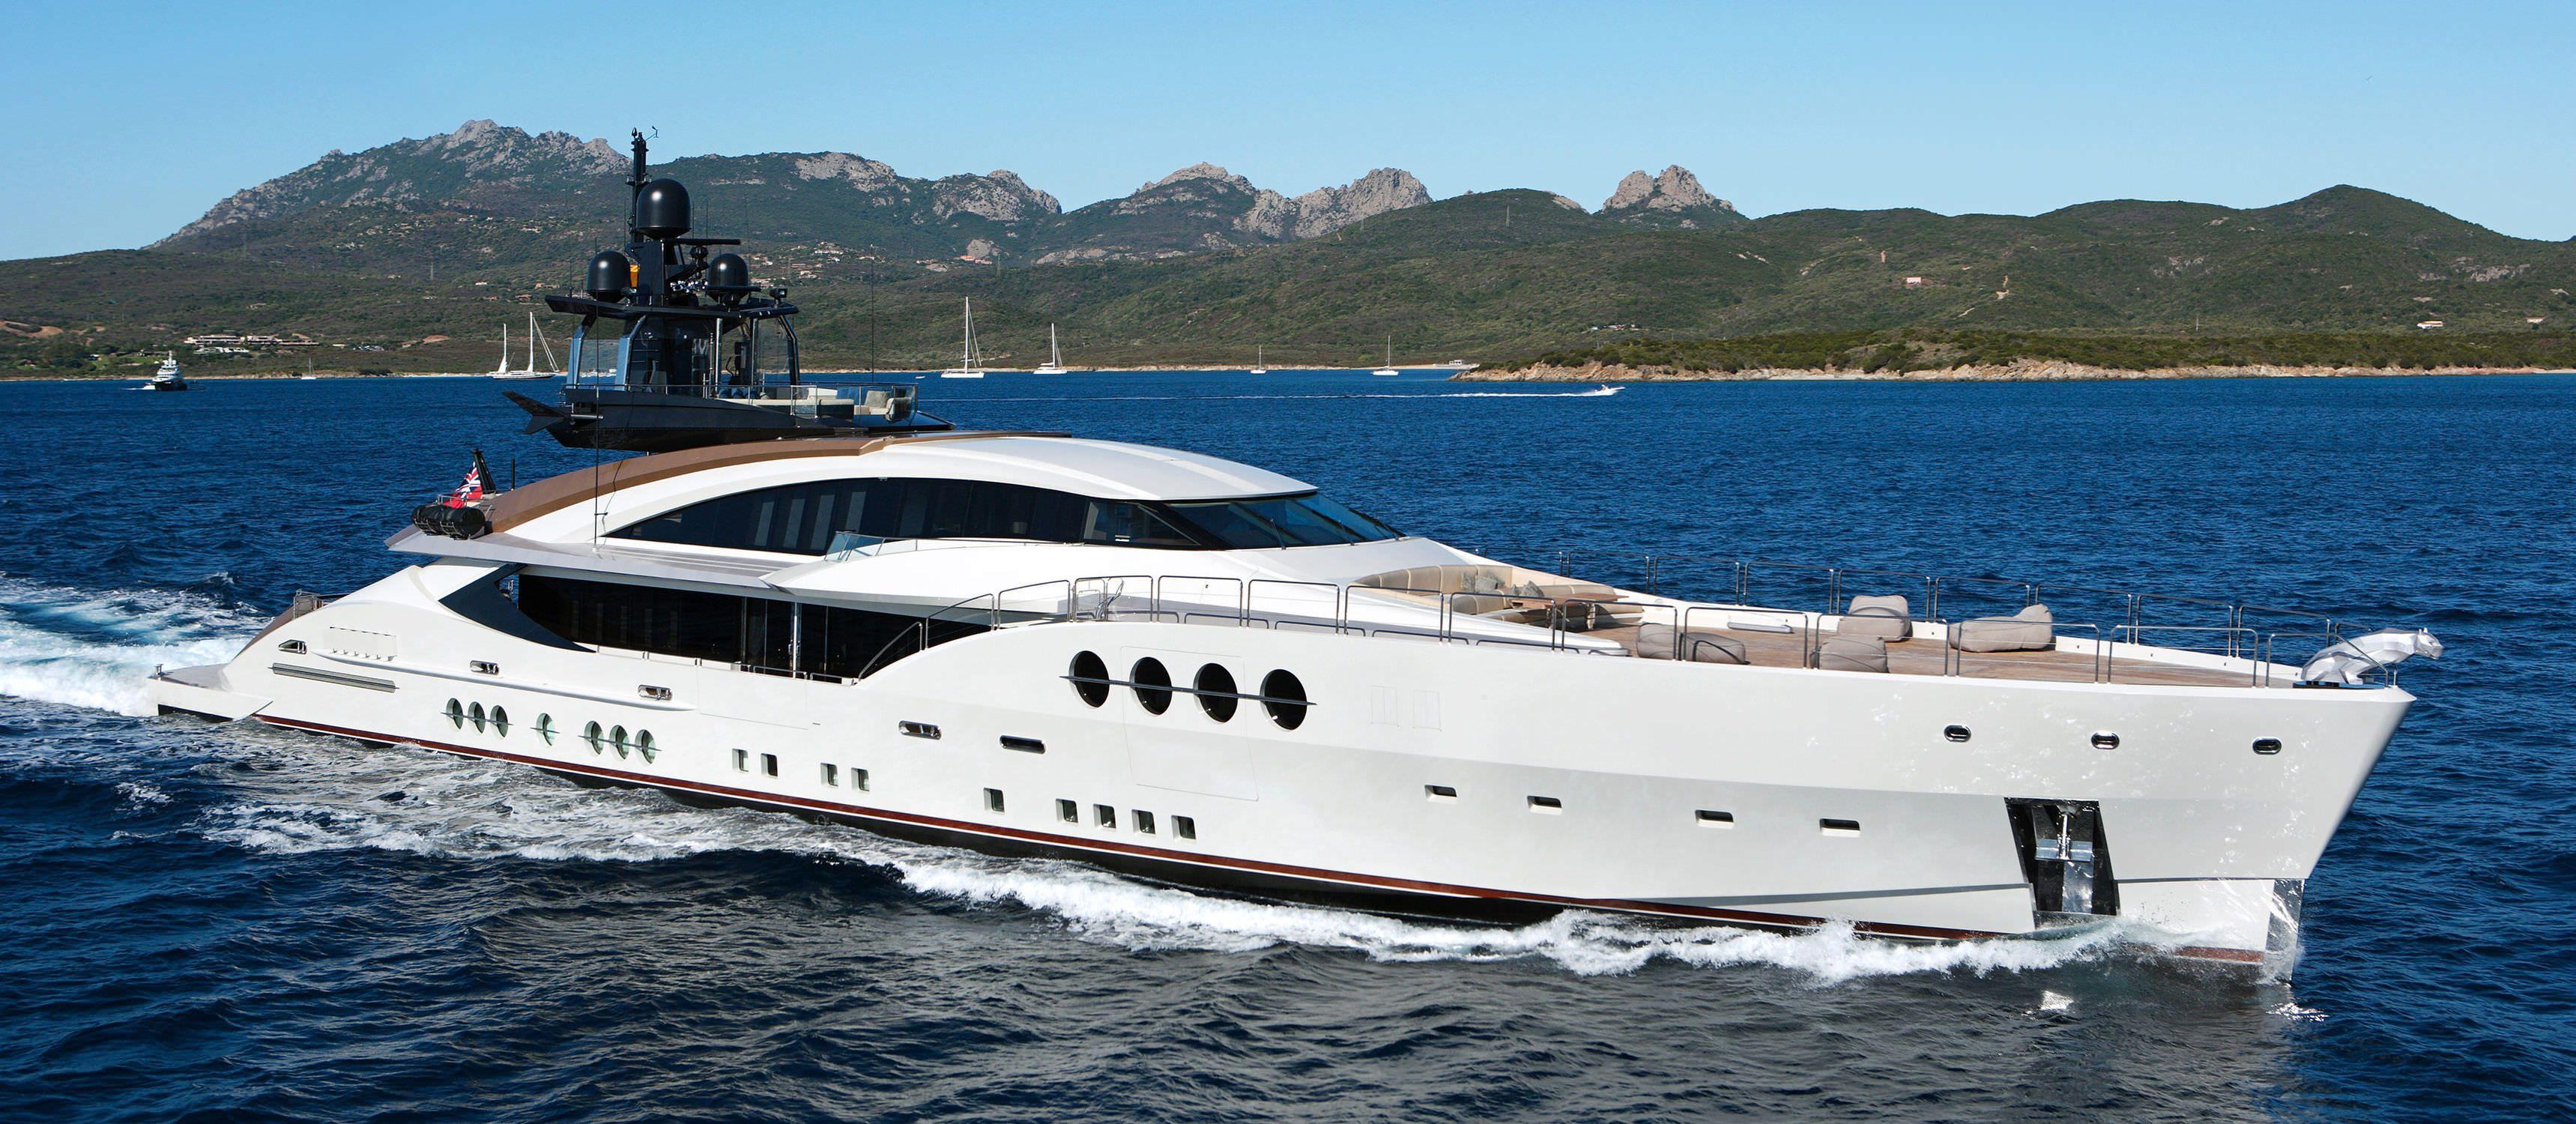 palmer johnson 48 supersport yacht 3438 1500 boat. Black Bedroom Furniture Sets. Home Design Ideas